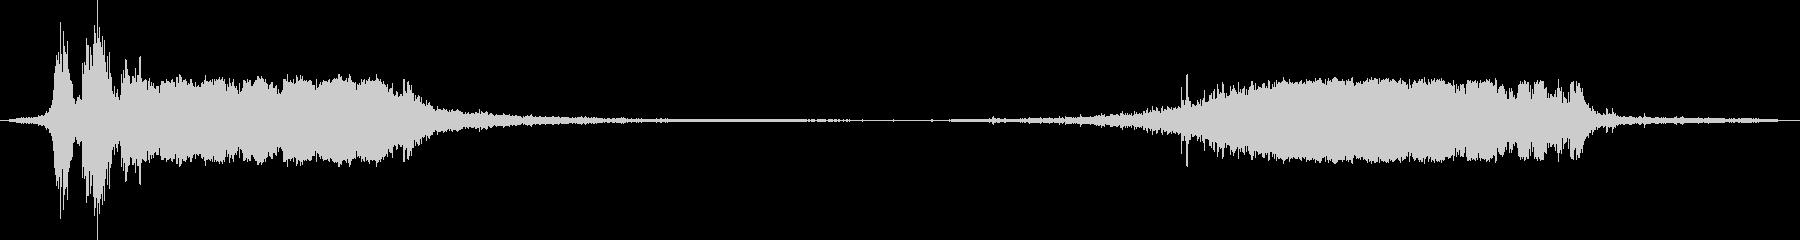 2方向から交互に電車が鉄橋を通過する場面の未再生の波形